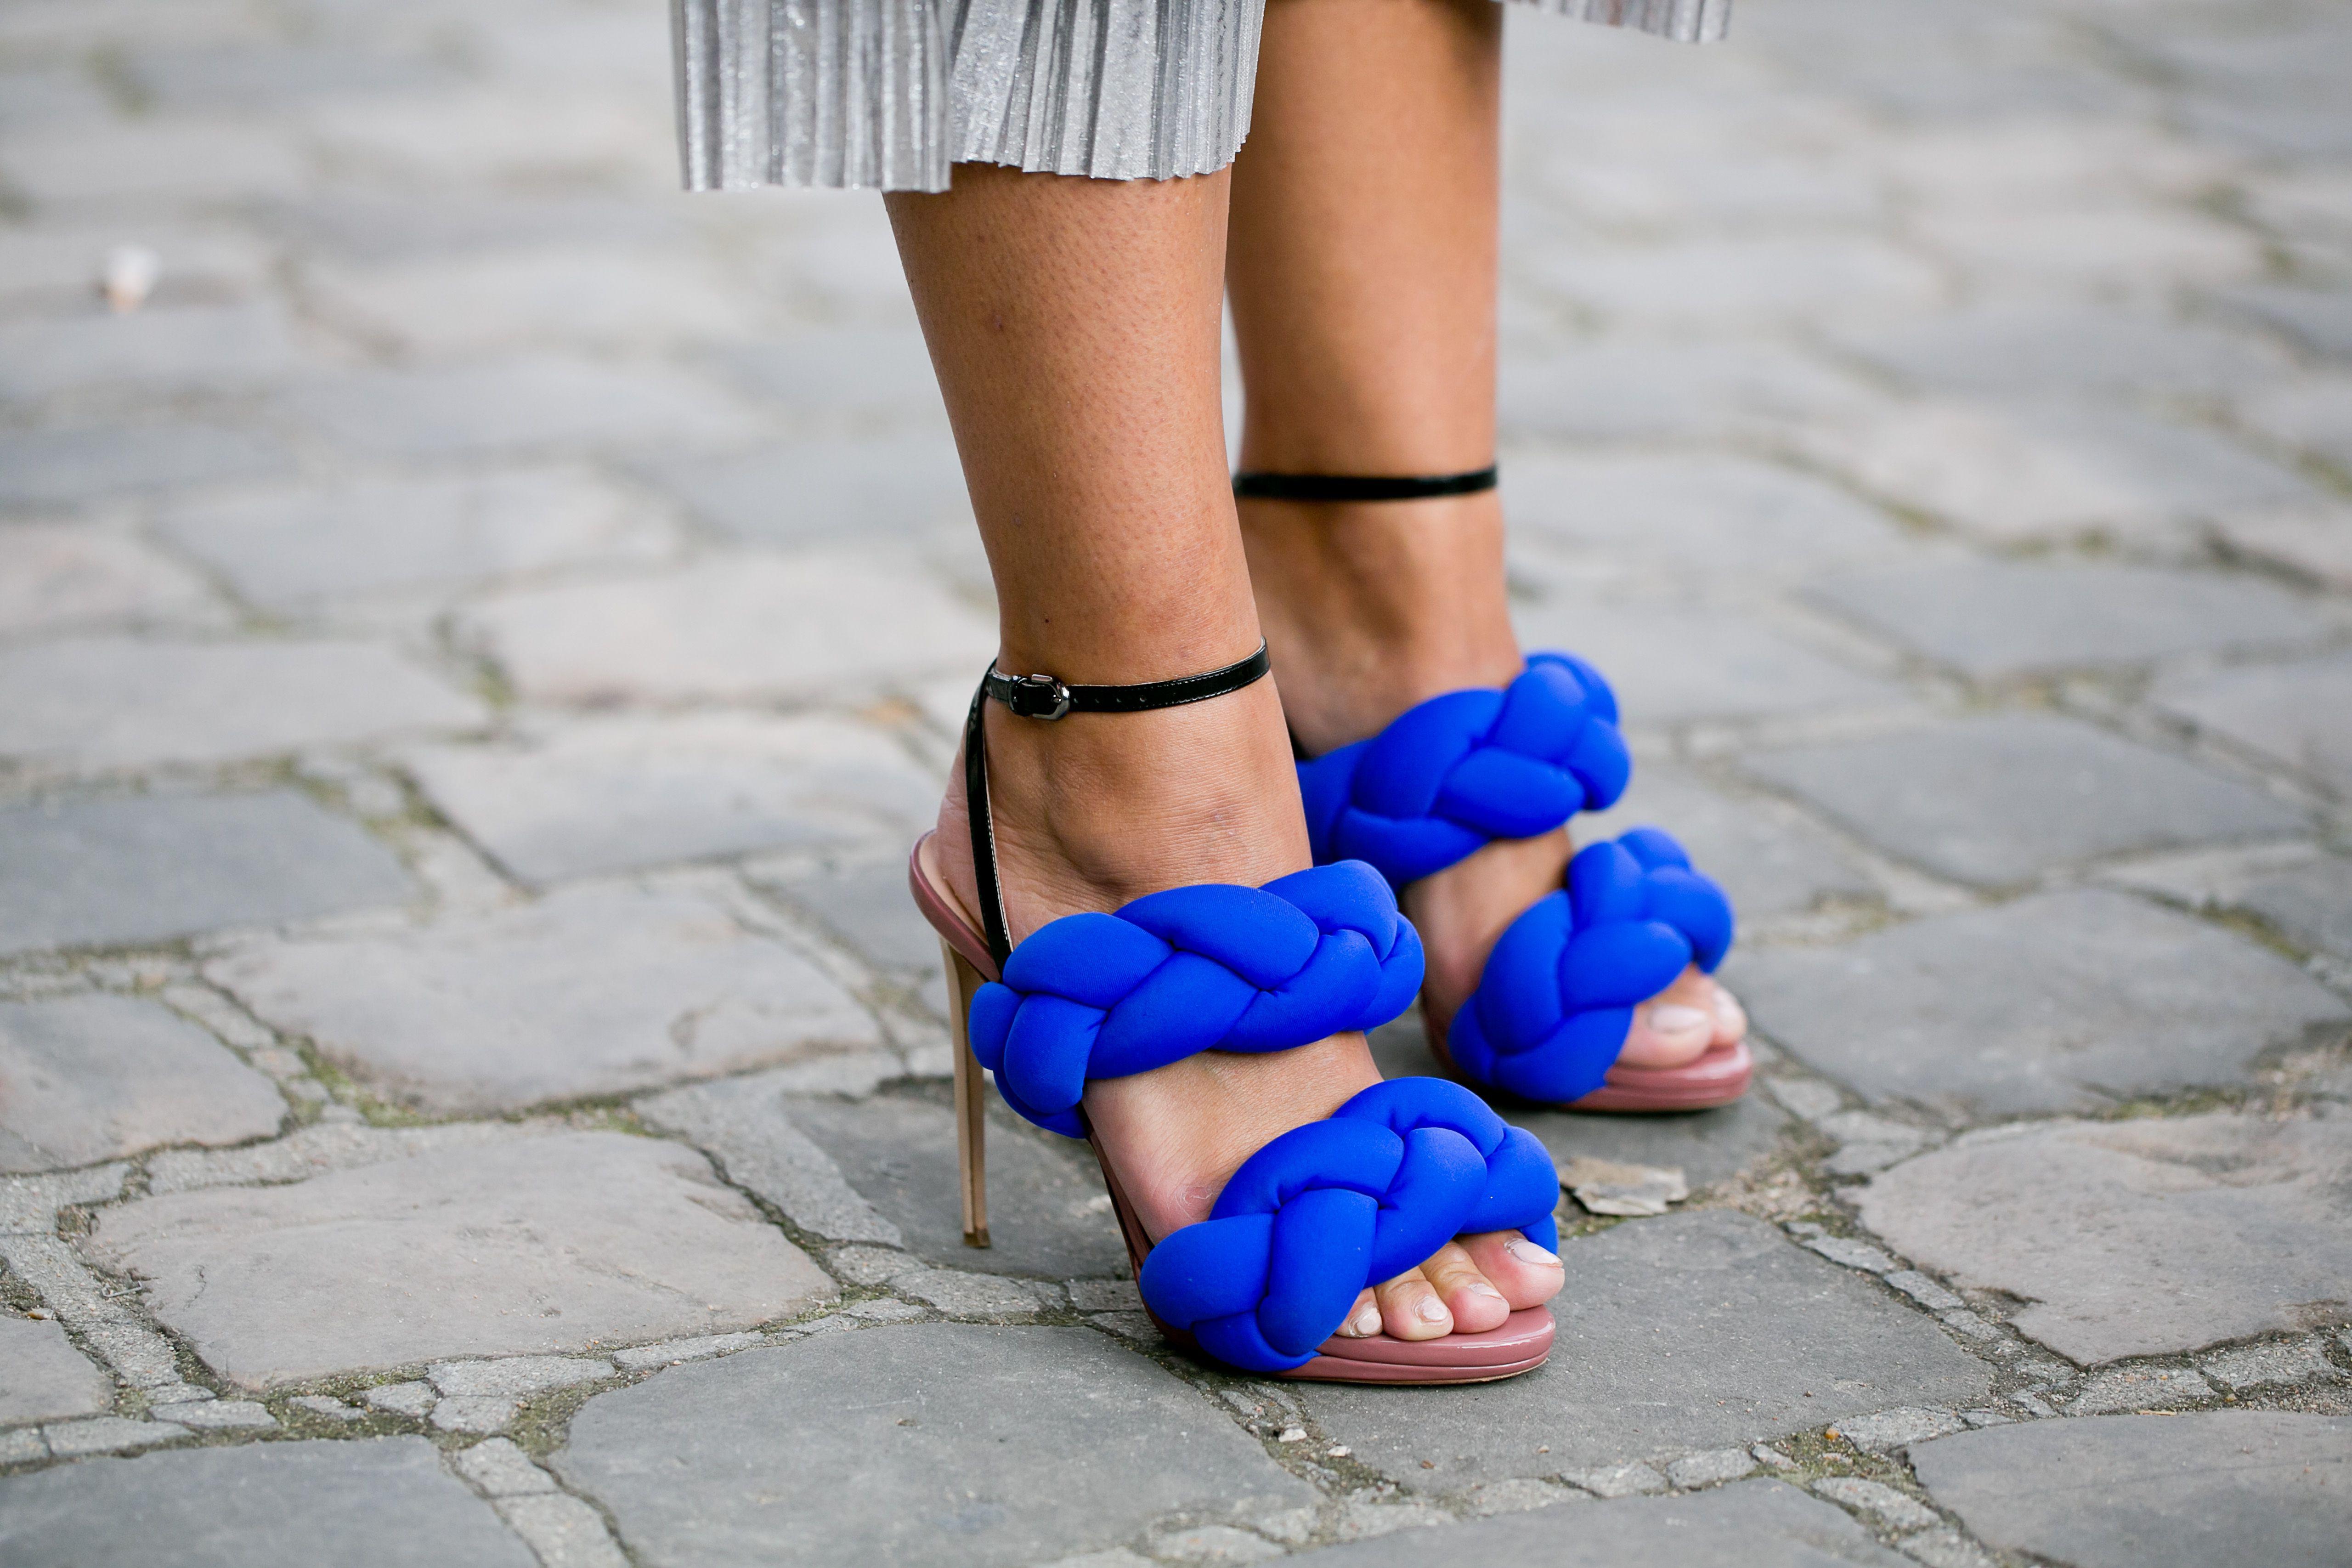 Lijepo nije uvijek najbolje - koje modele sandala NE kupiti ovog ljeta?